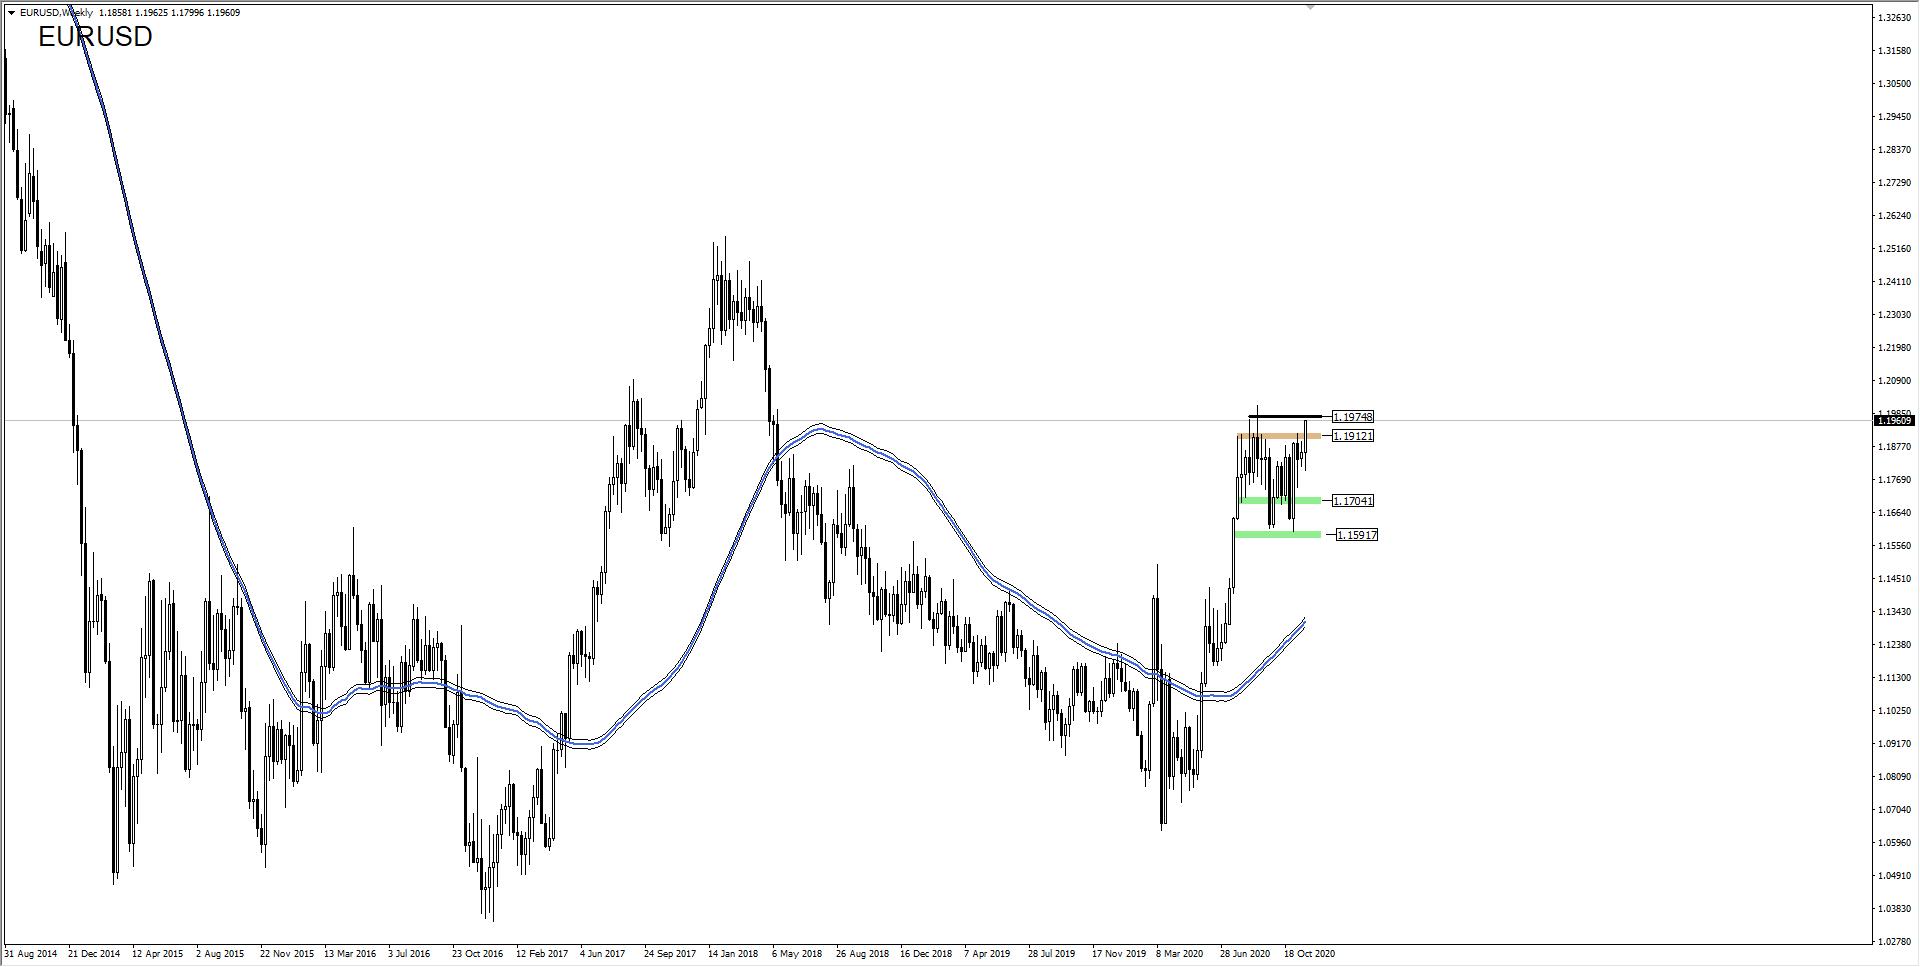 wykres Kurs euro do dolara EURUSD W1 28.11.2020